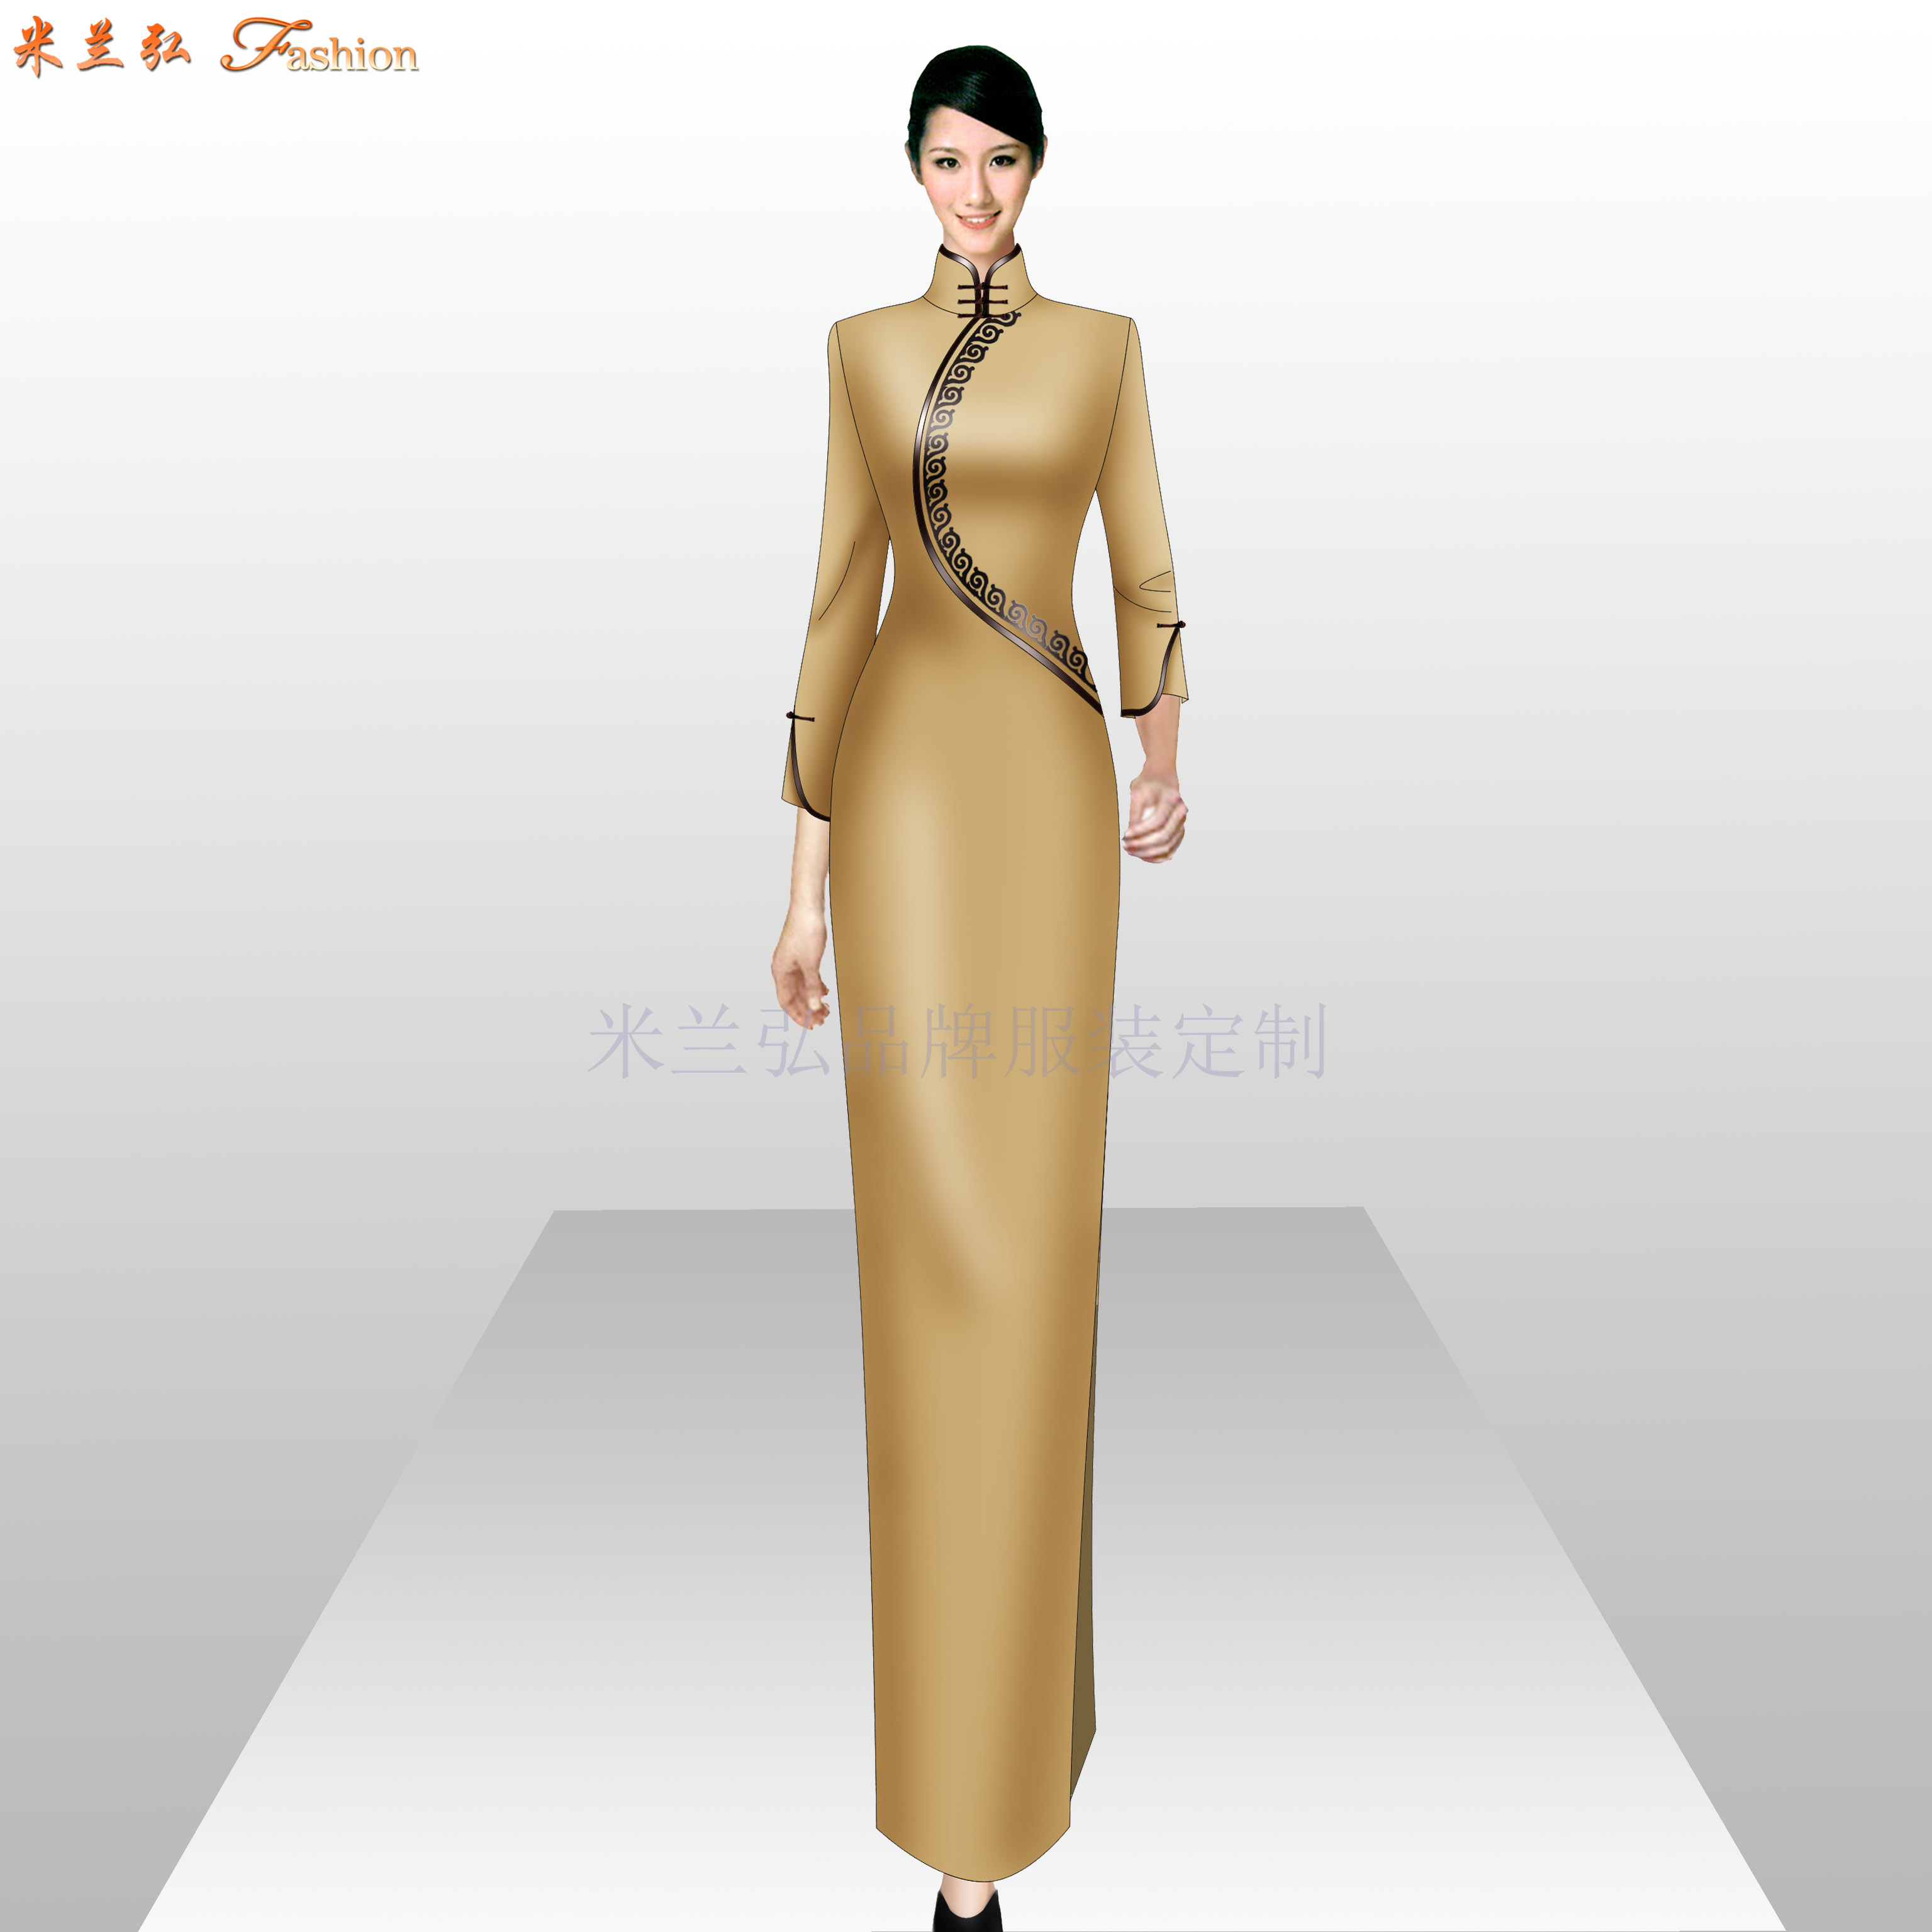 「旗袍高端定制」「旗袍高级订制」-米兰弘品牌服装-3